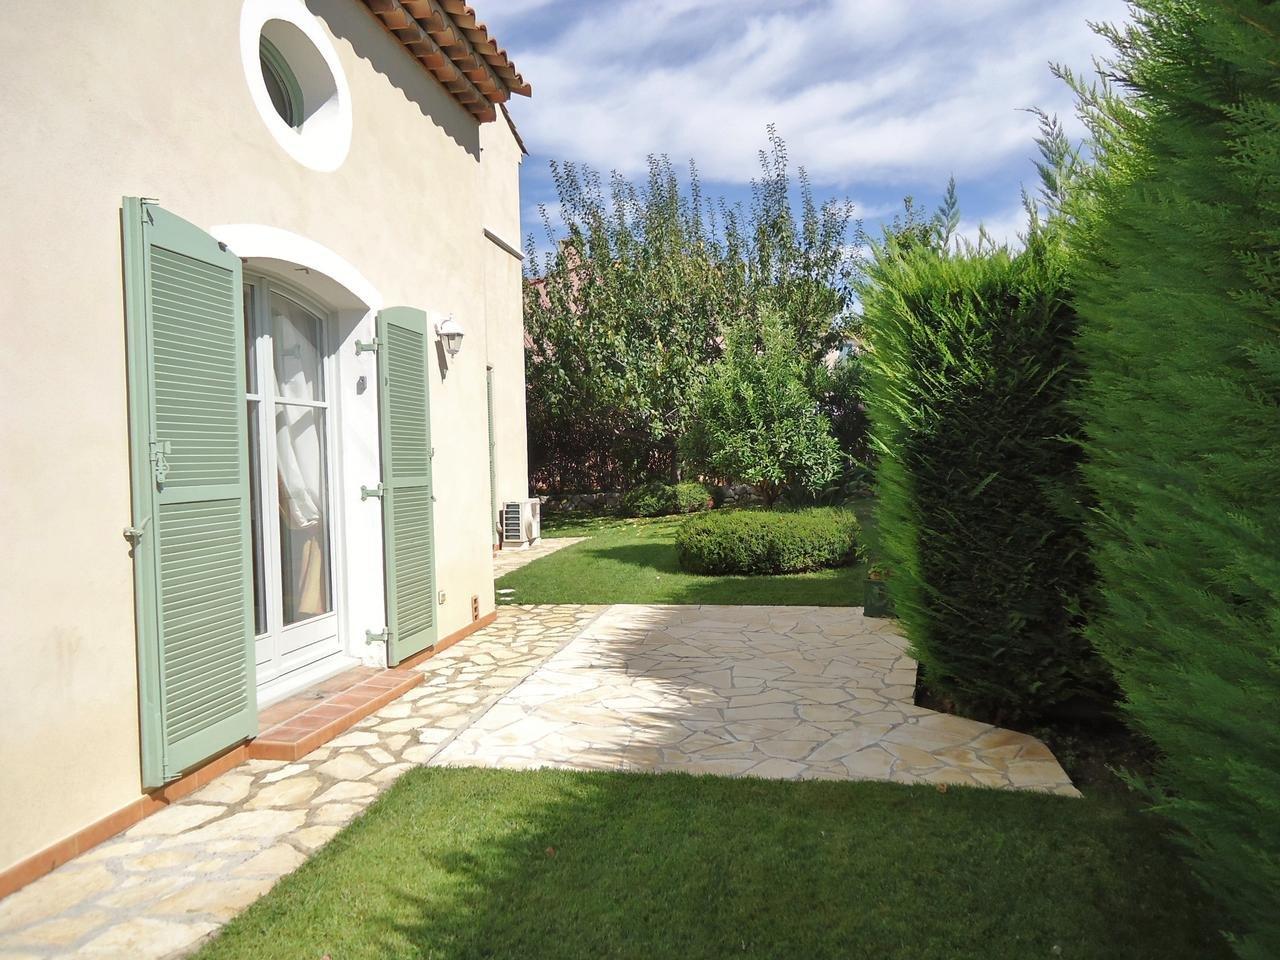 Villa Néo-Provençale - Les Collettes - Cagnes sur mer